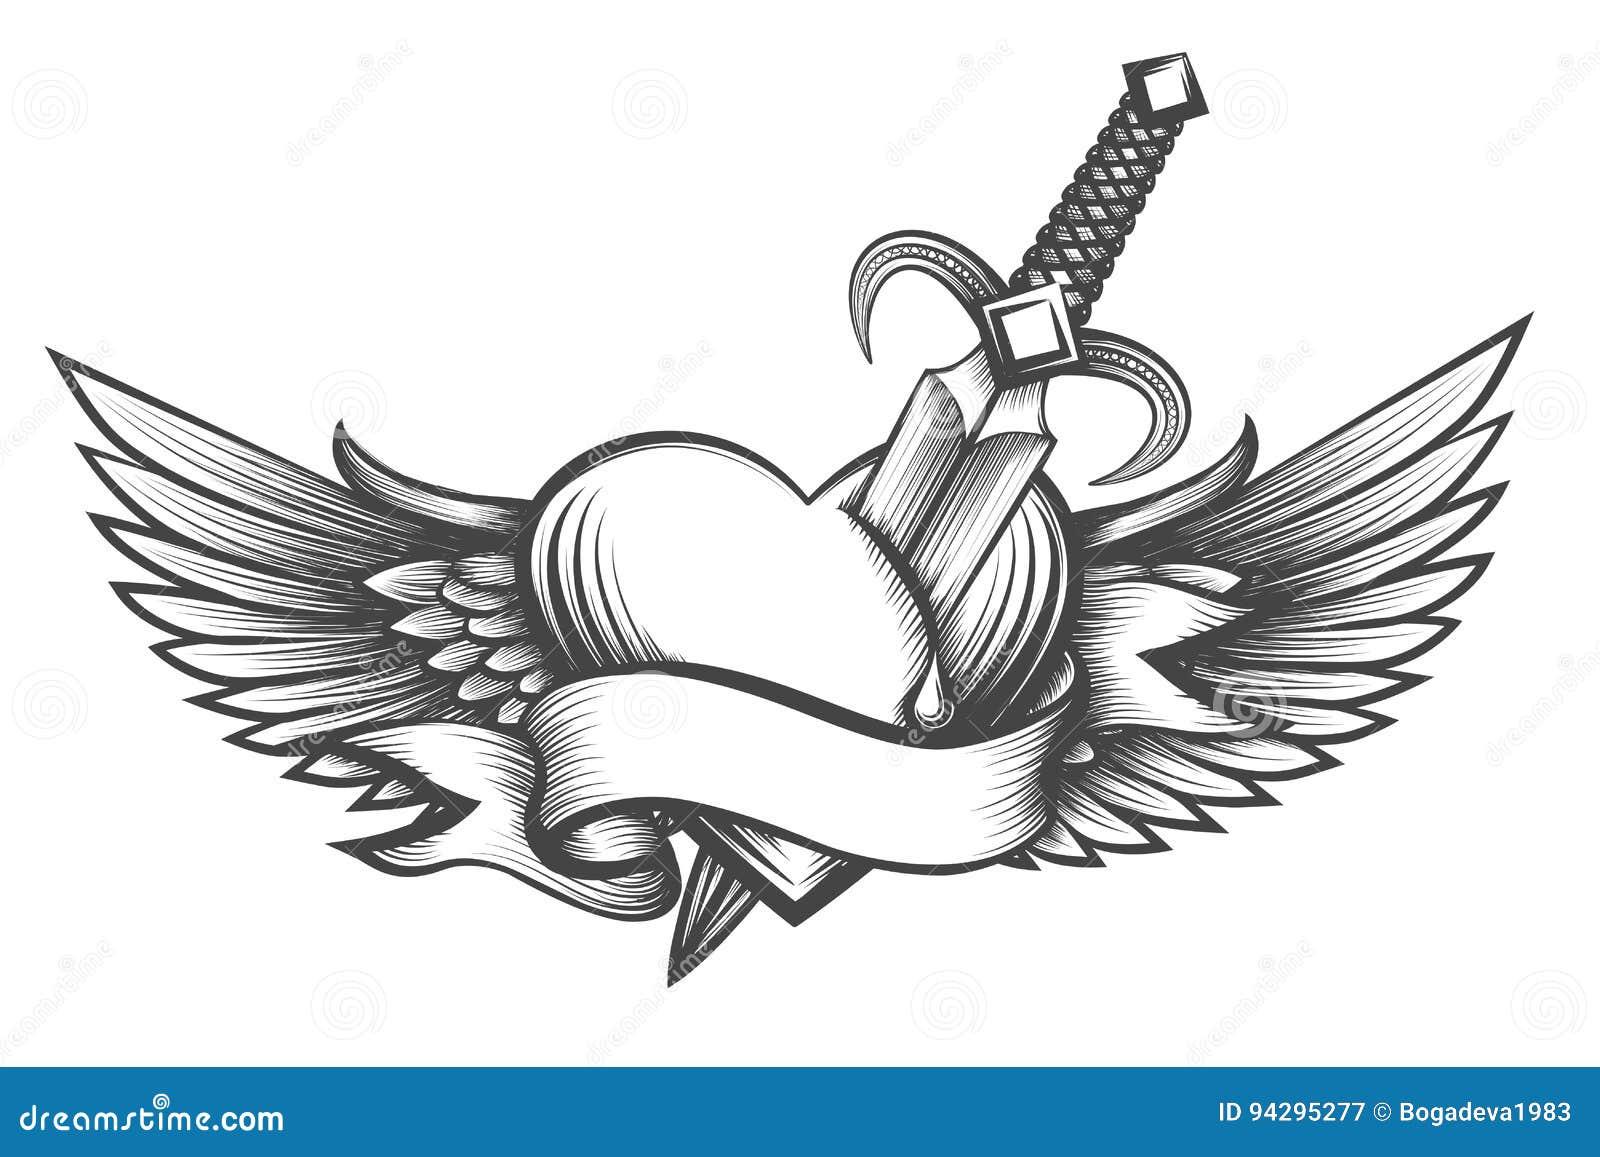 Corazón Con Alas Perforado Por La Daga Dibujada En Estilo Del